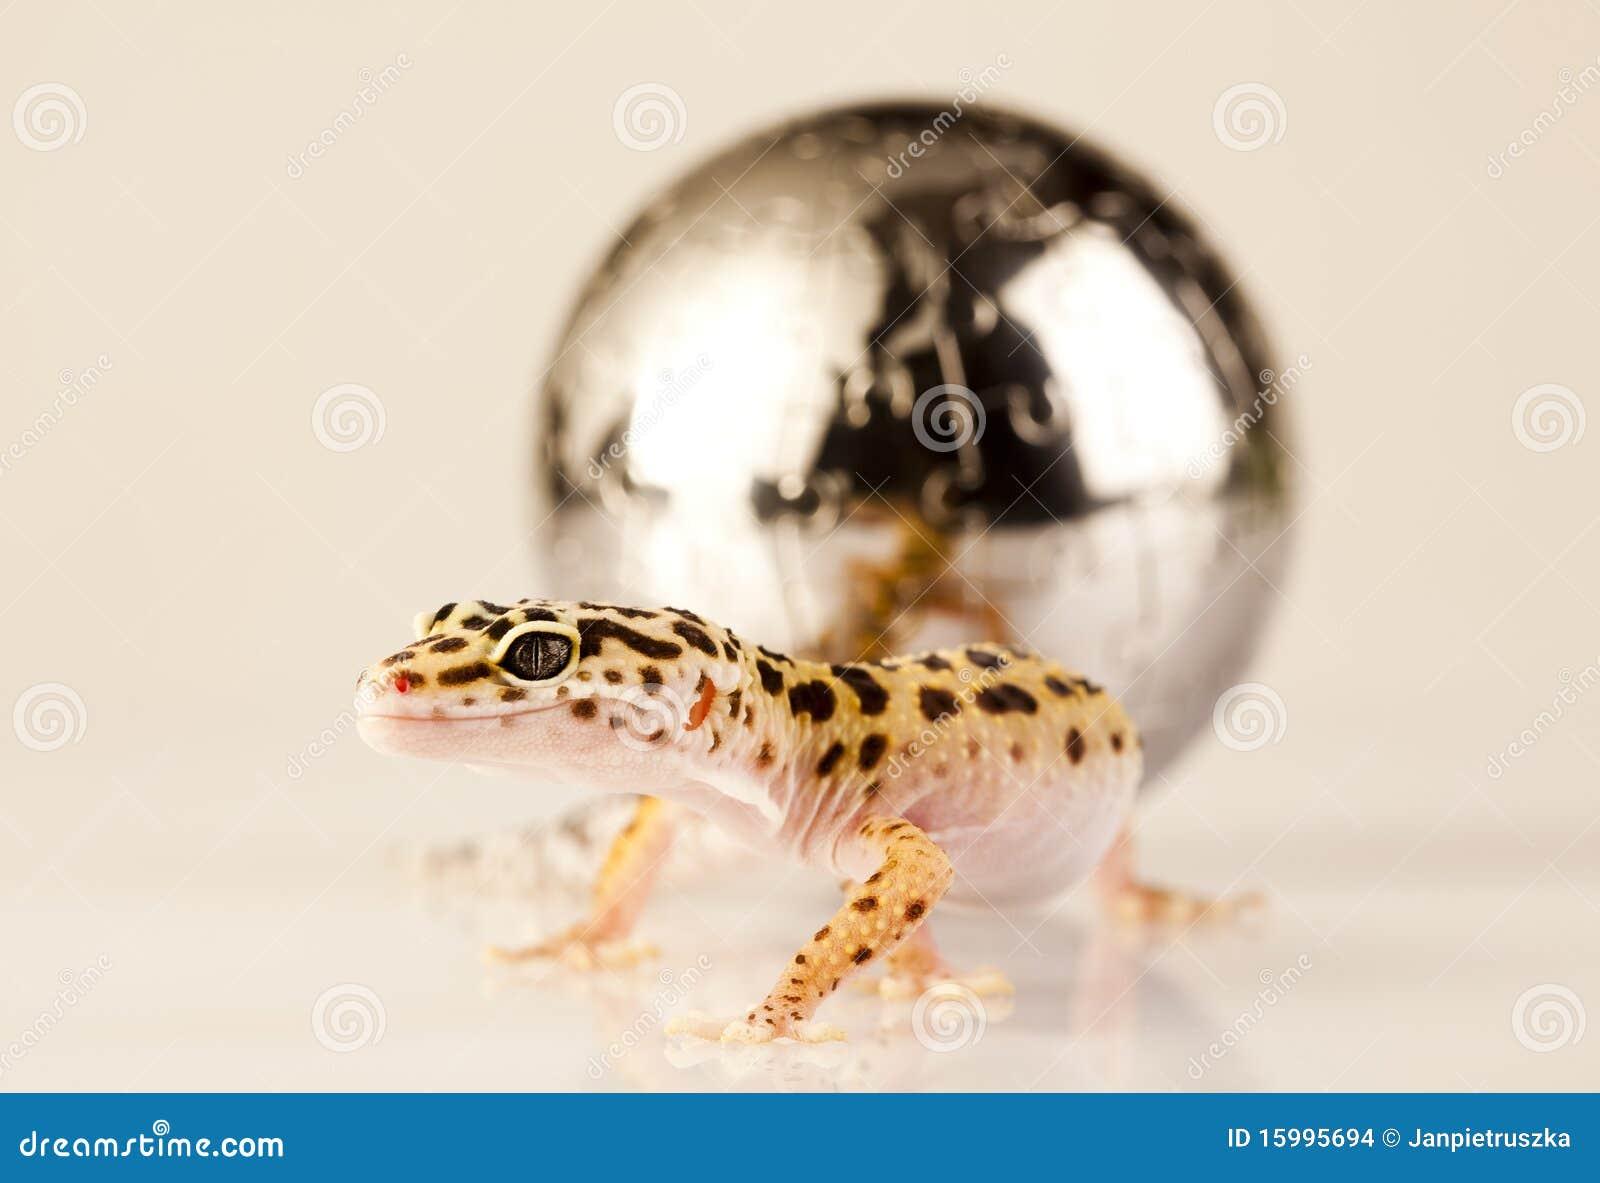 Wereld in gekko